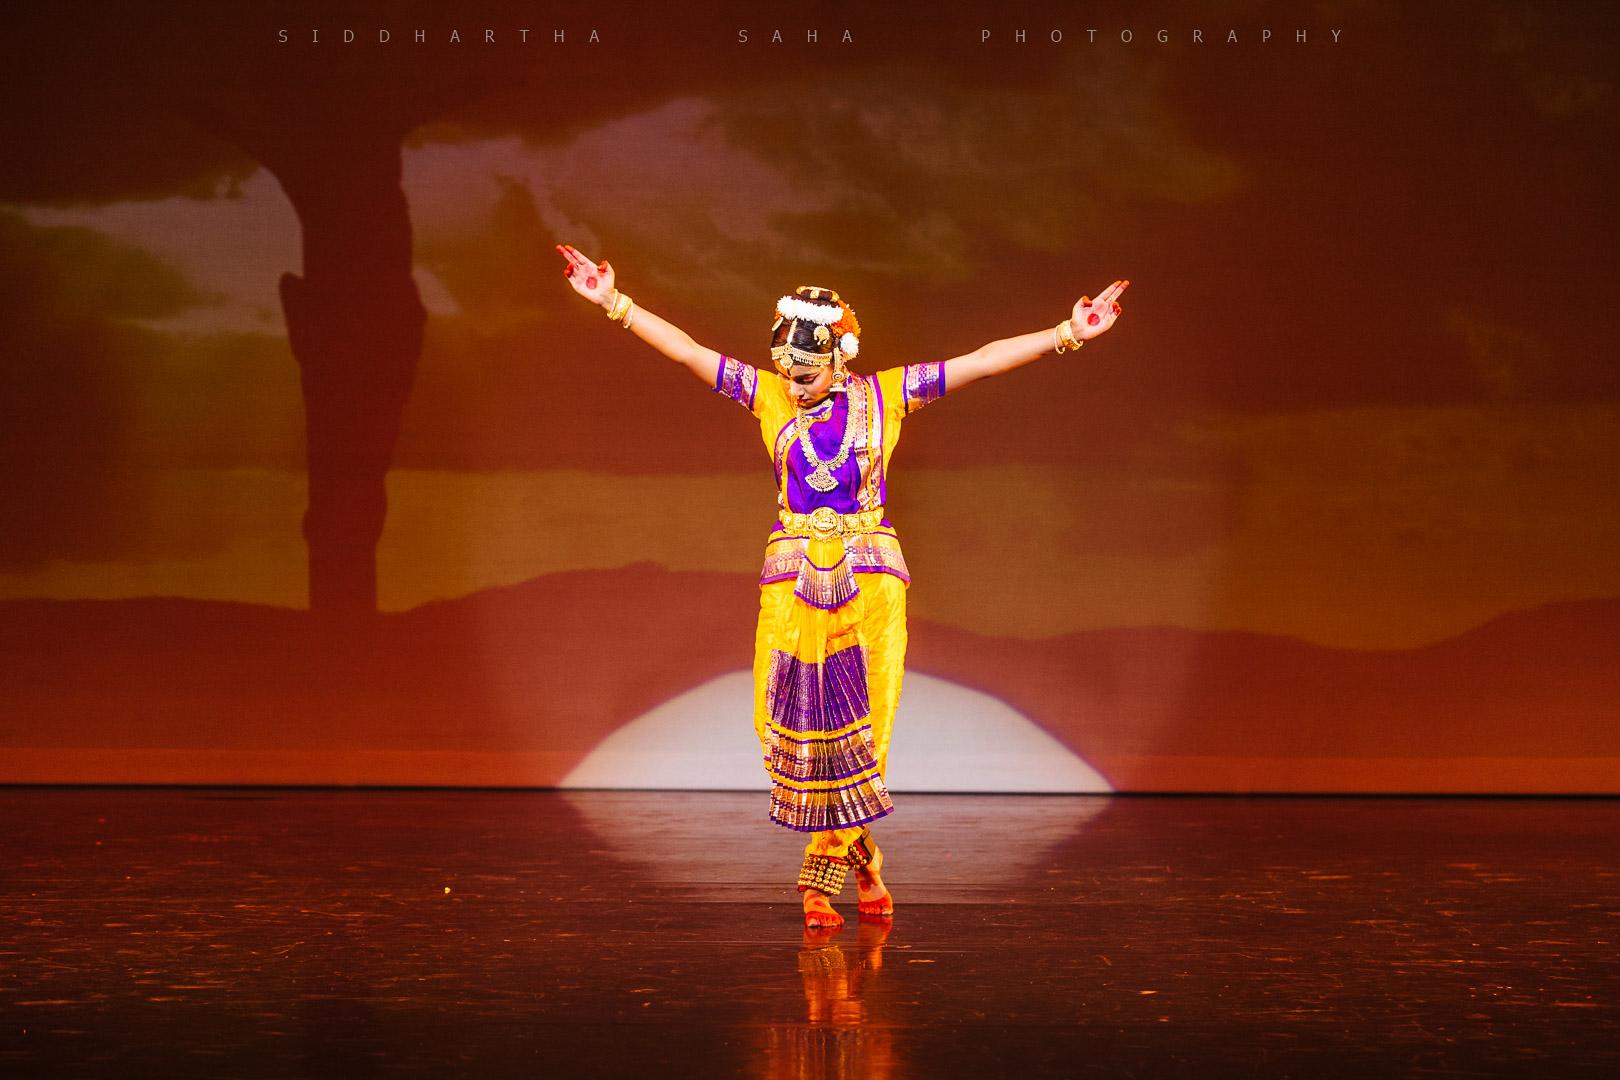 2015-09-06 - Riya Arangetram - _05Y8180